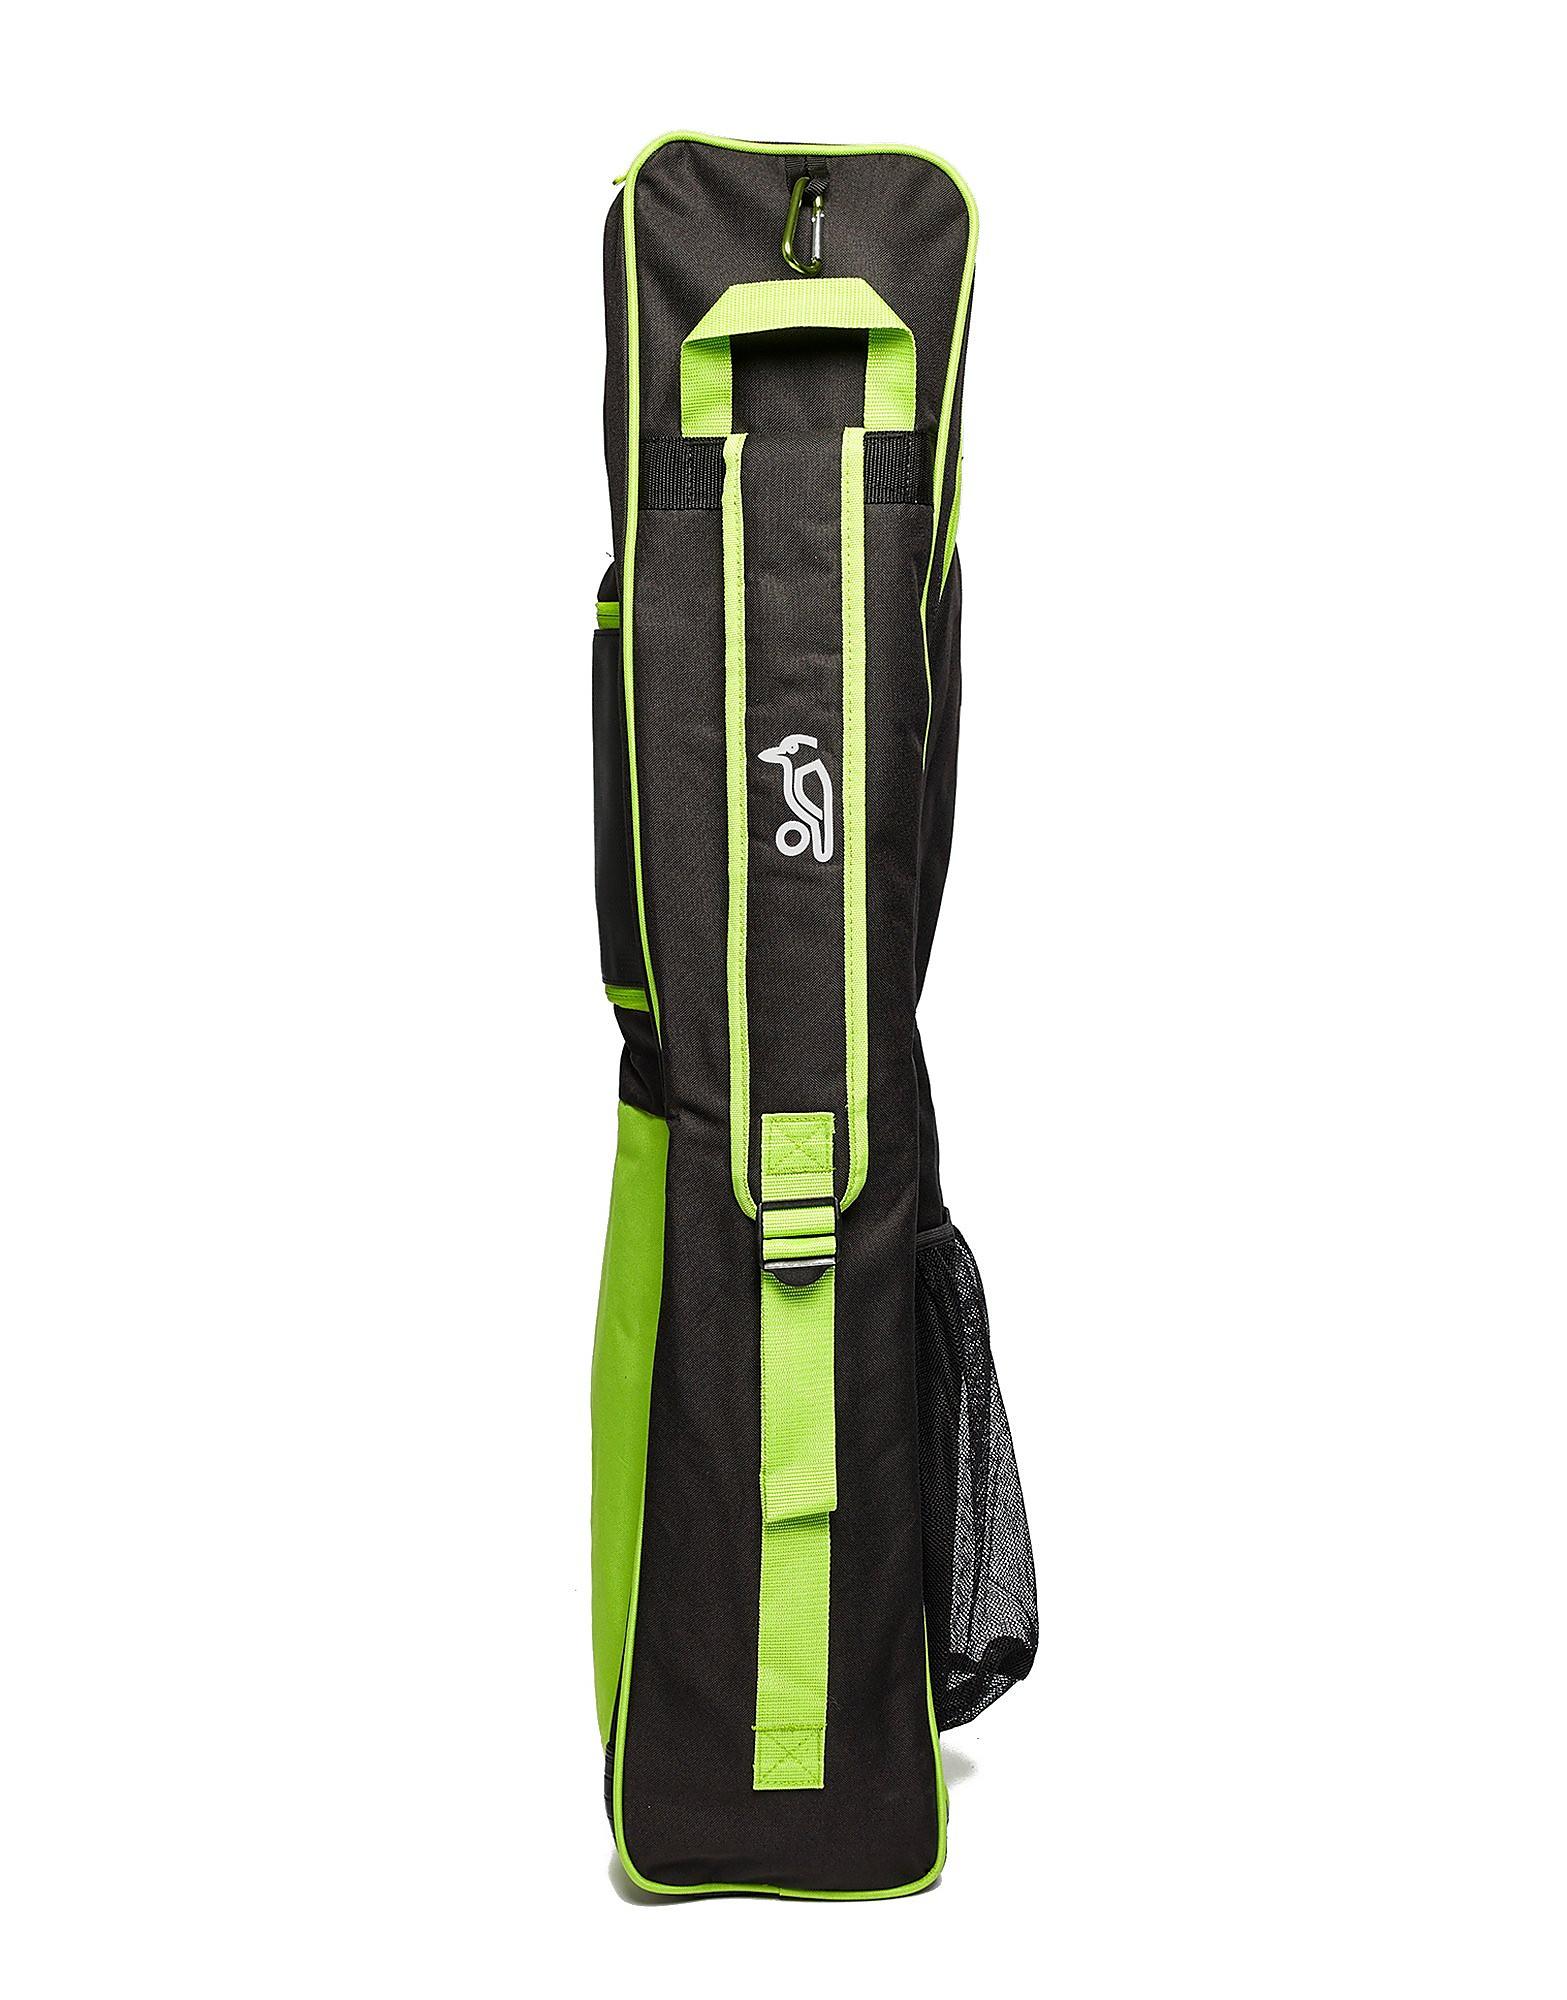 Kookaburra Fuse Hockey Stick Bag